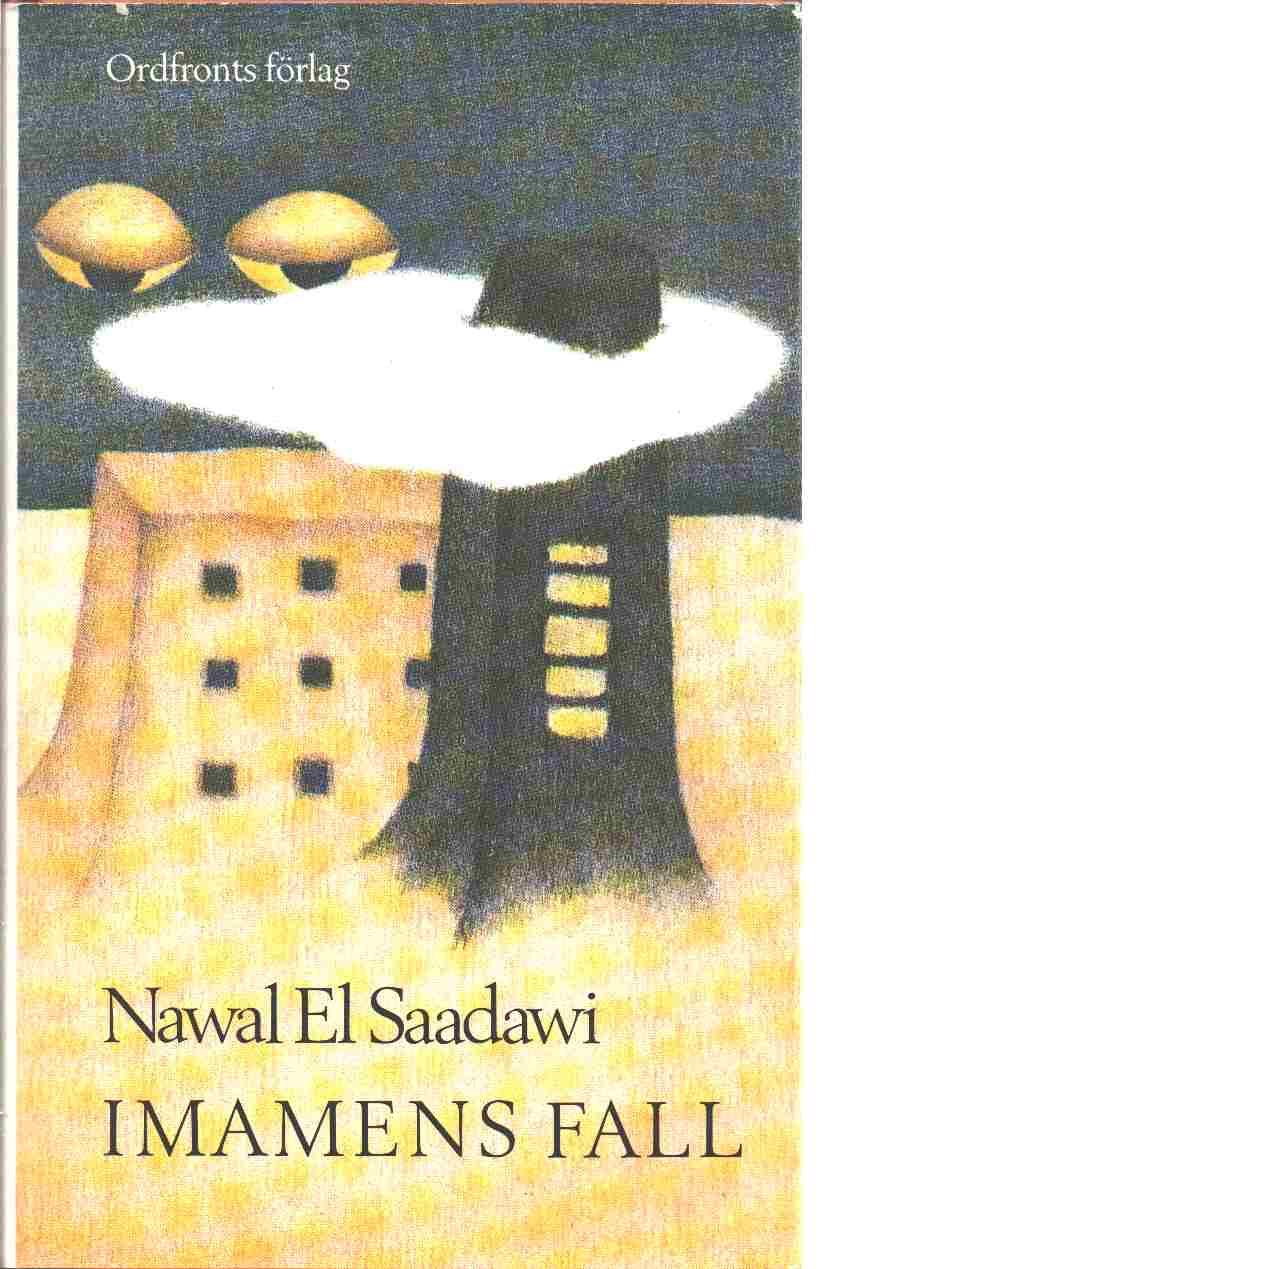 Imamens fall - El Saadawi, Nawal